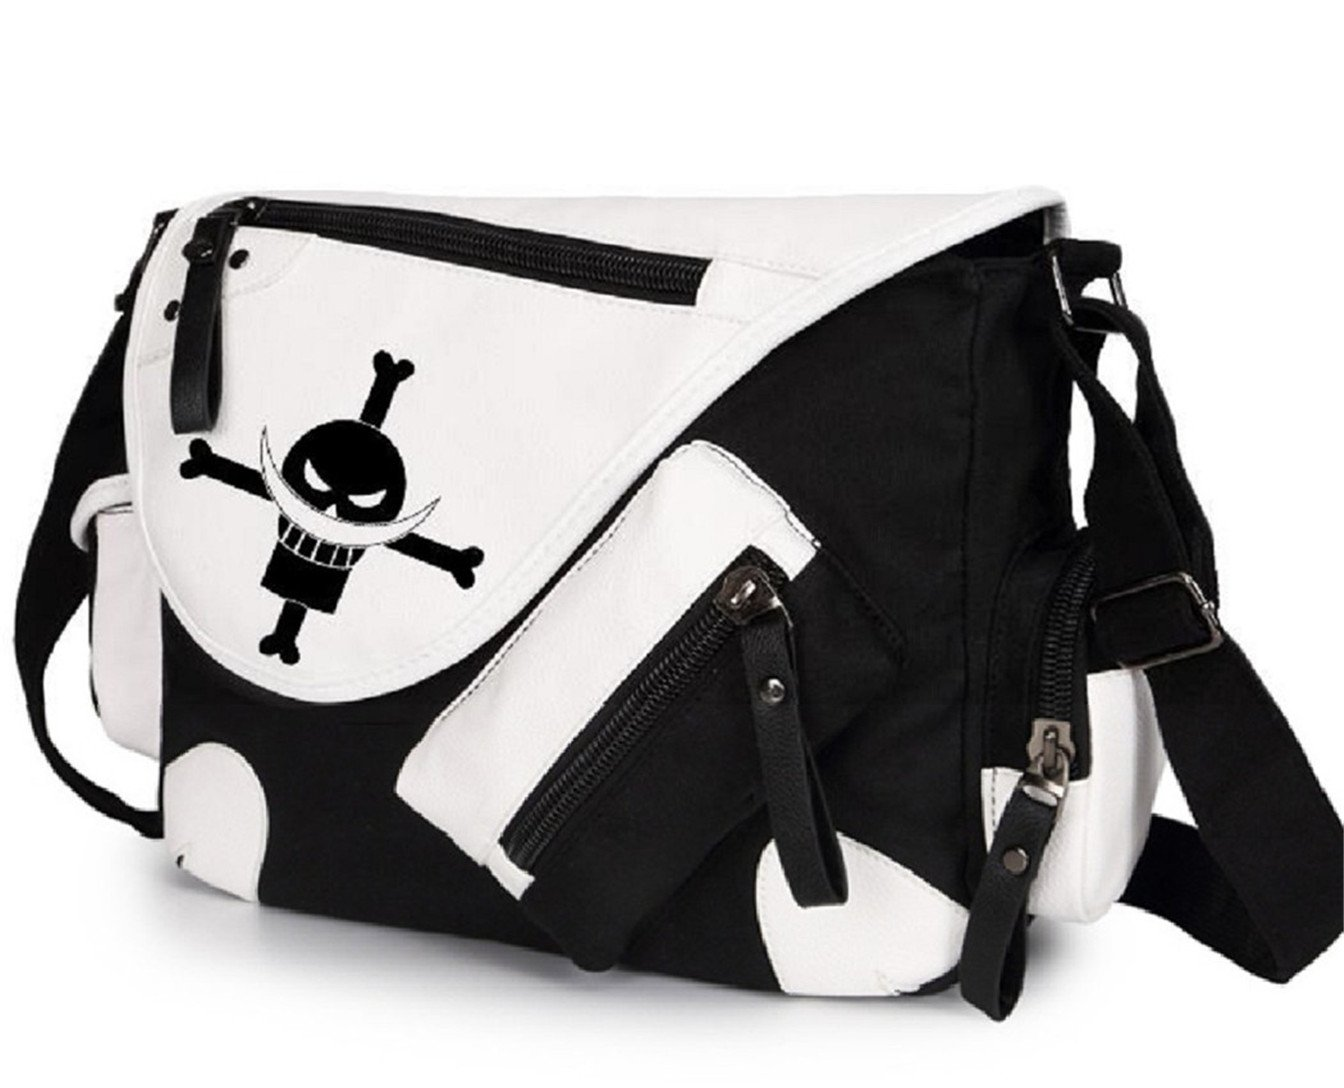 YOYOSHome Anime One Piece Cosplay Handbag Cross-body Bag Messenger Bag Tote Bag Shoulder Bag